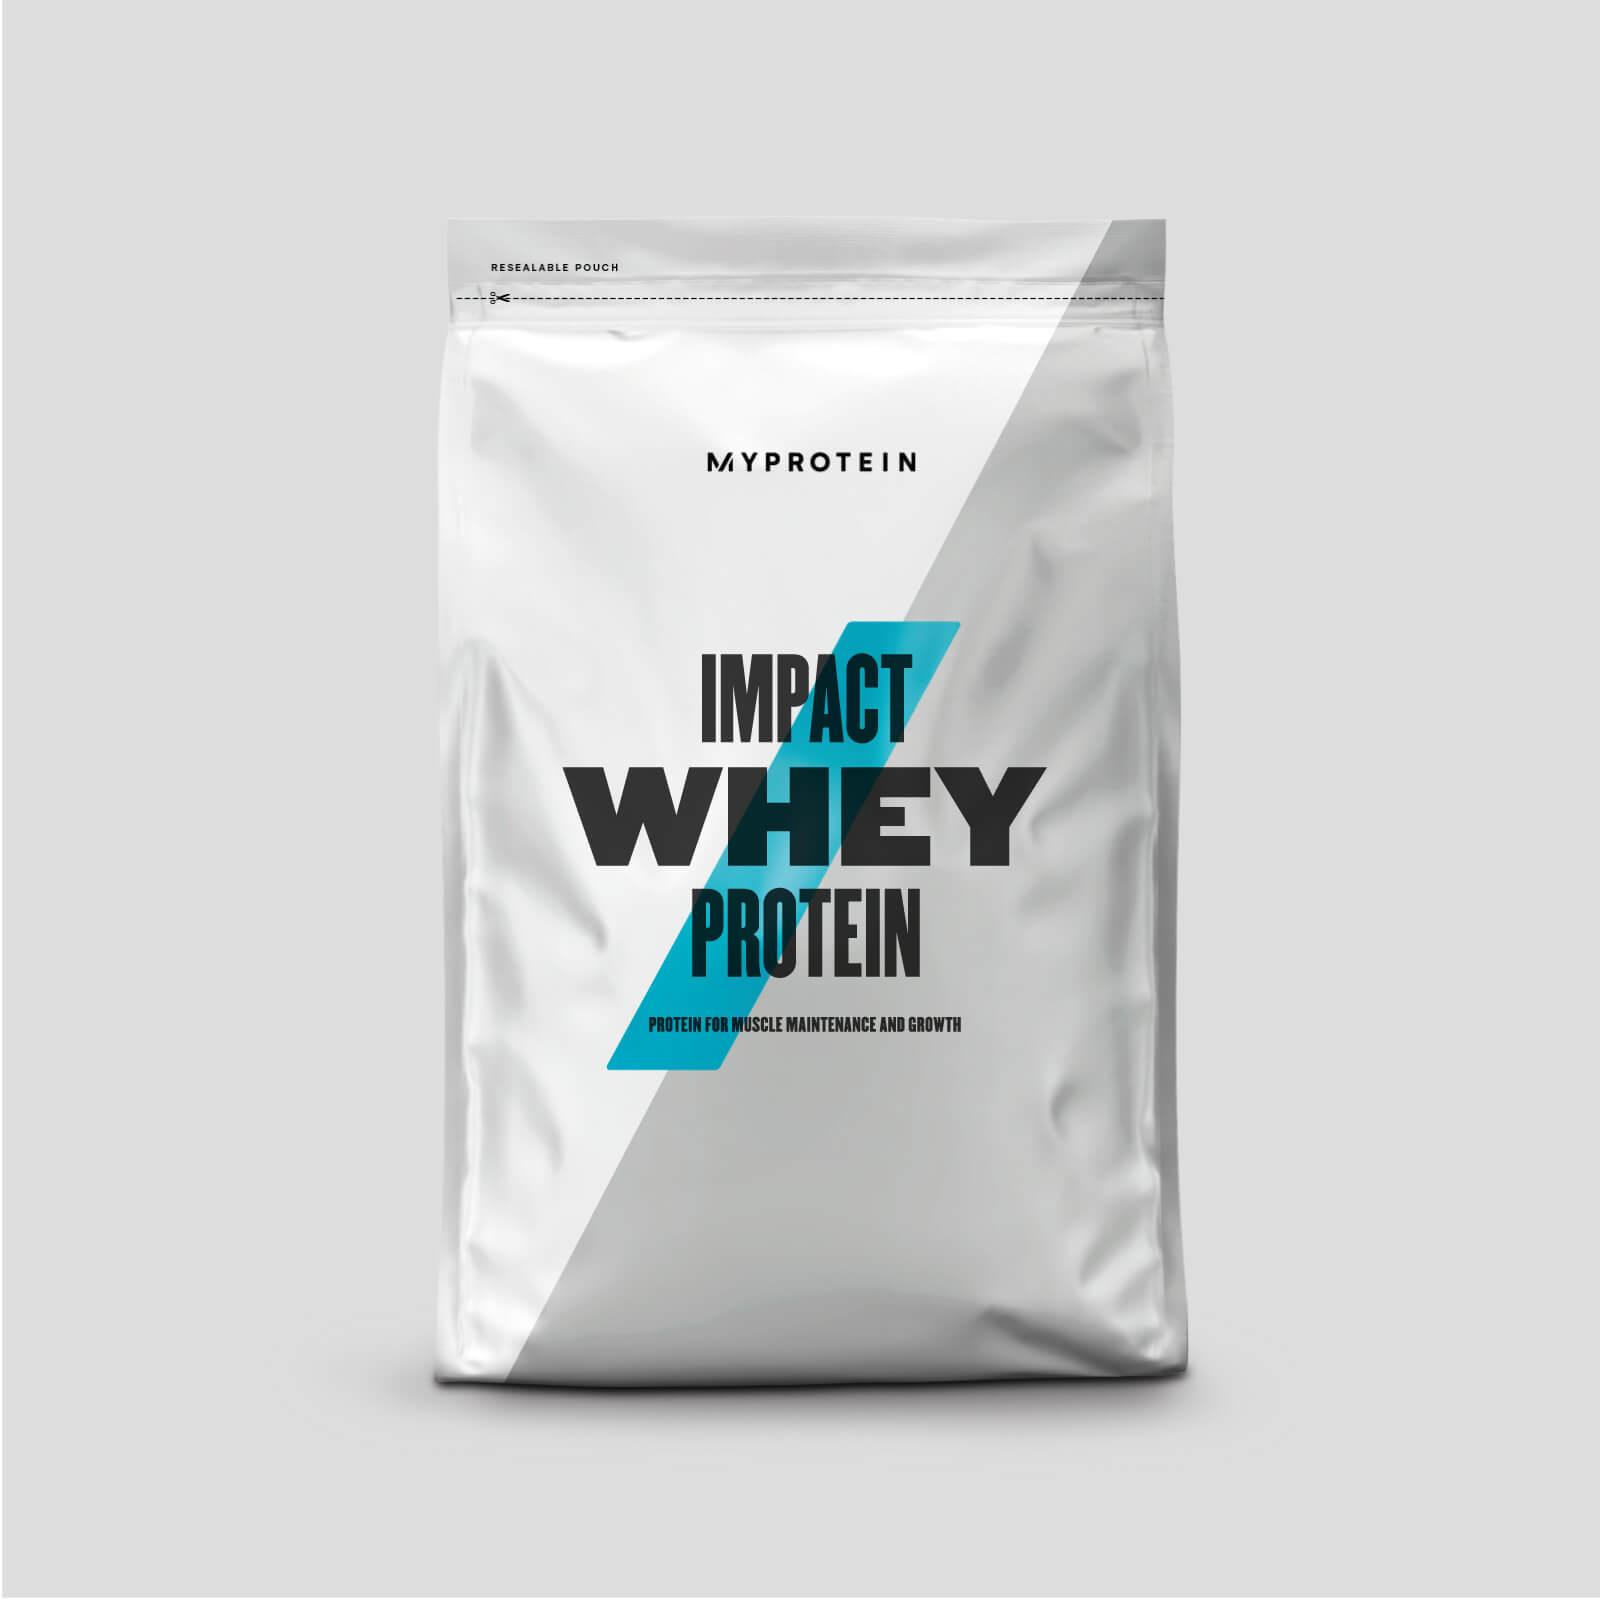 Myprotein Impact Whey Protein - 5kg - Chocolat Naturel